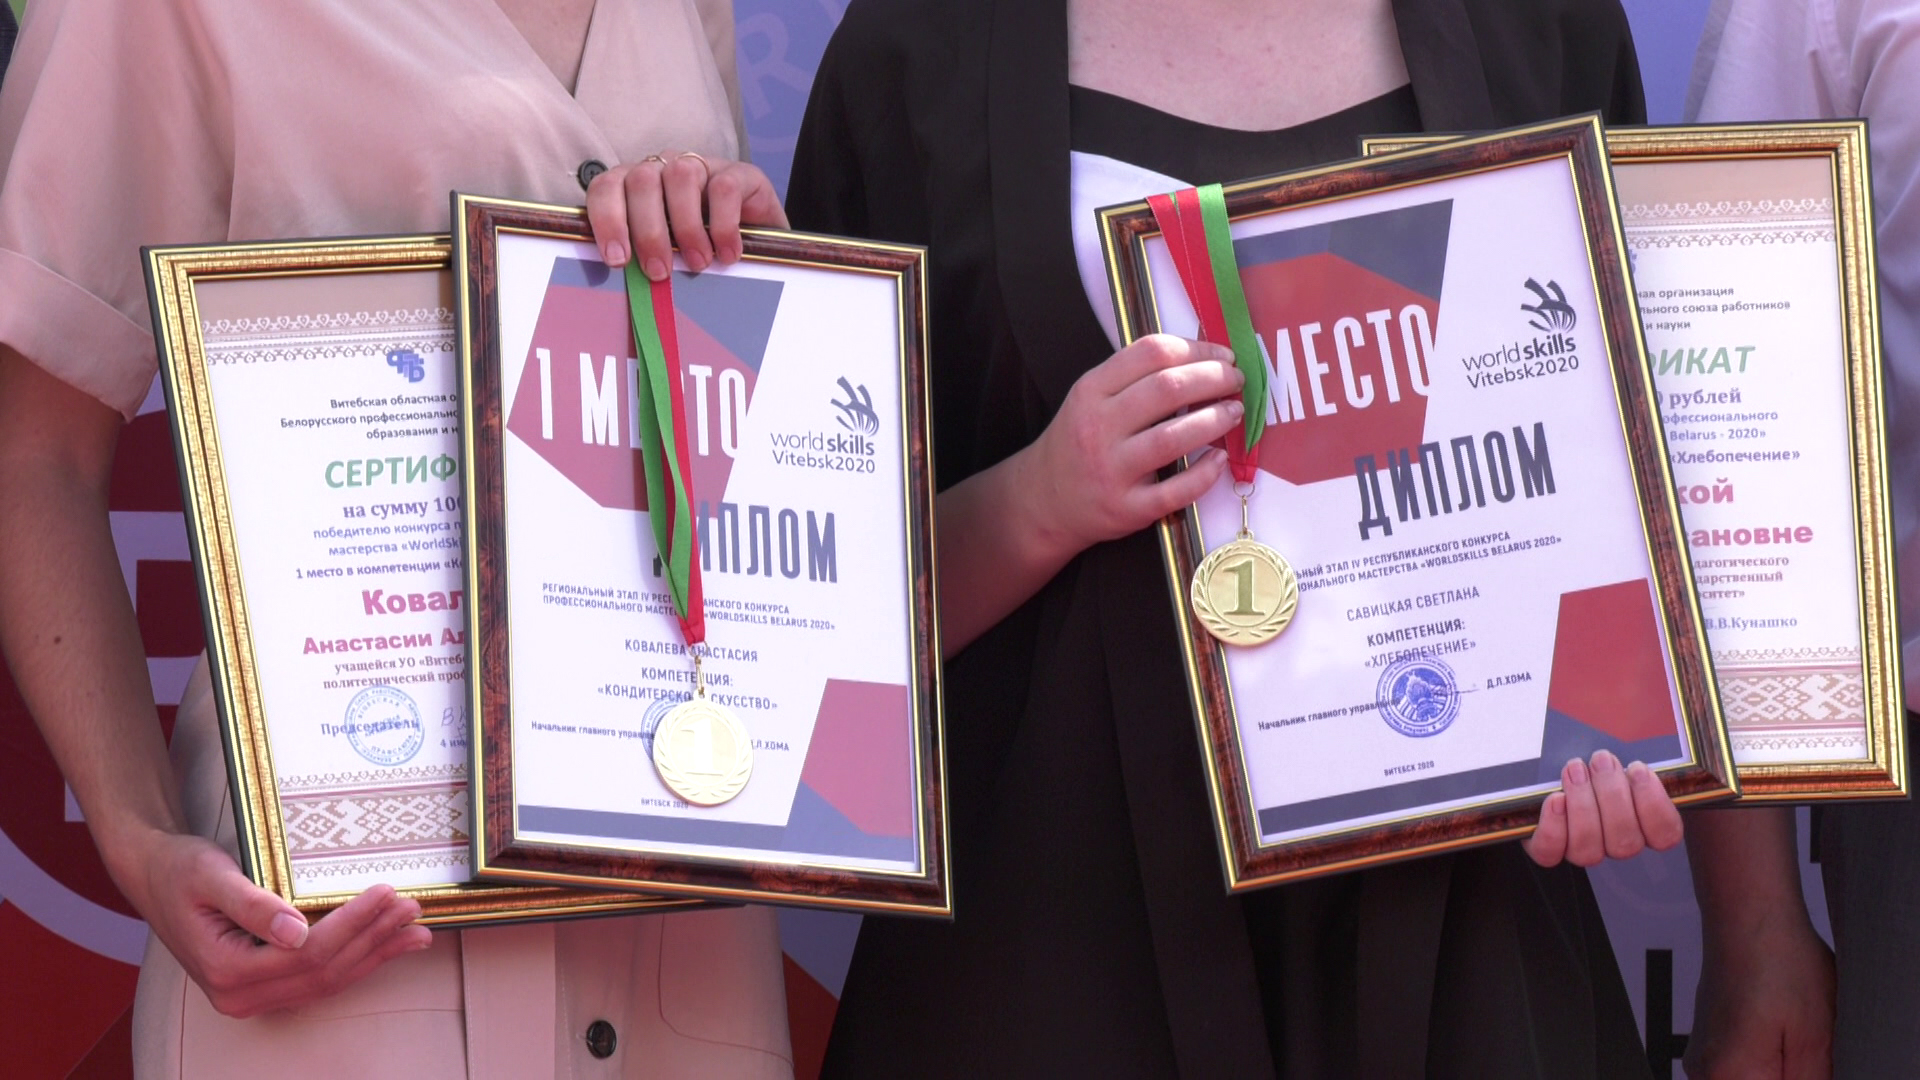 brend - День белорусского бренда организовали в Витебске (видео)